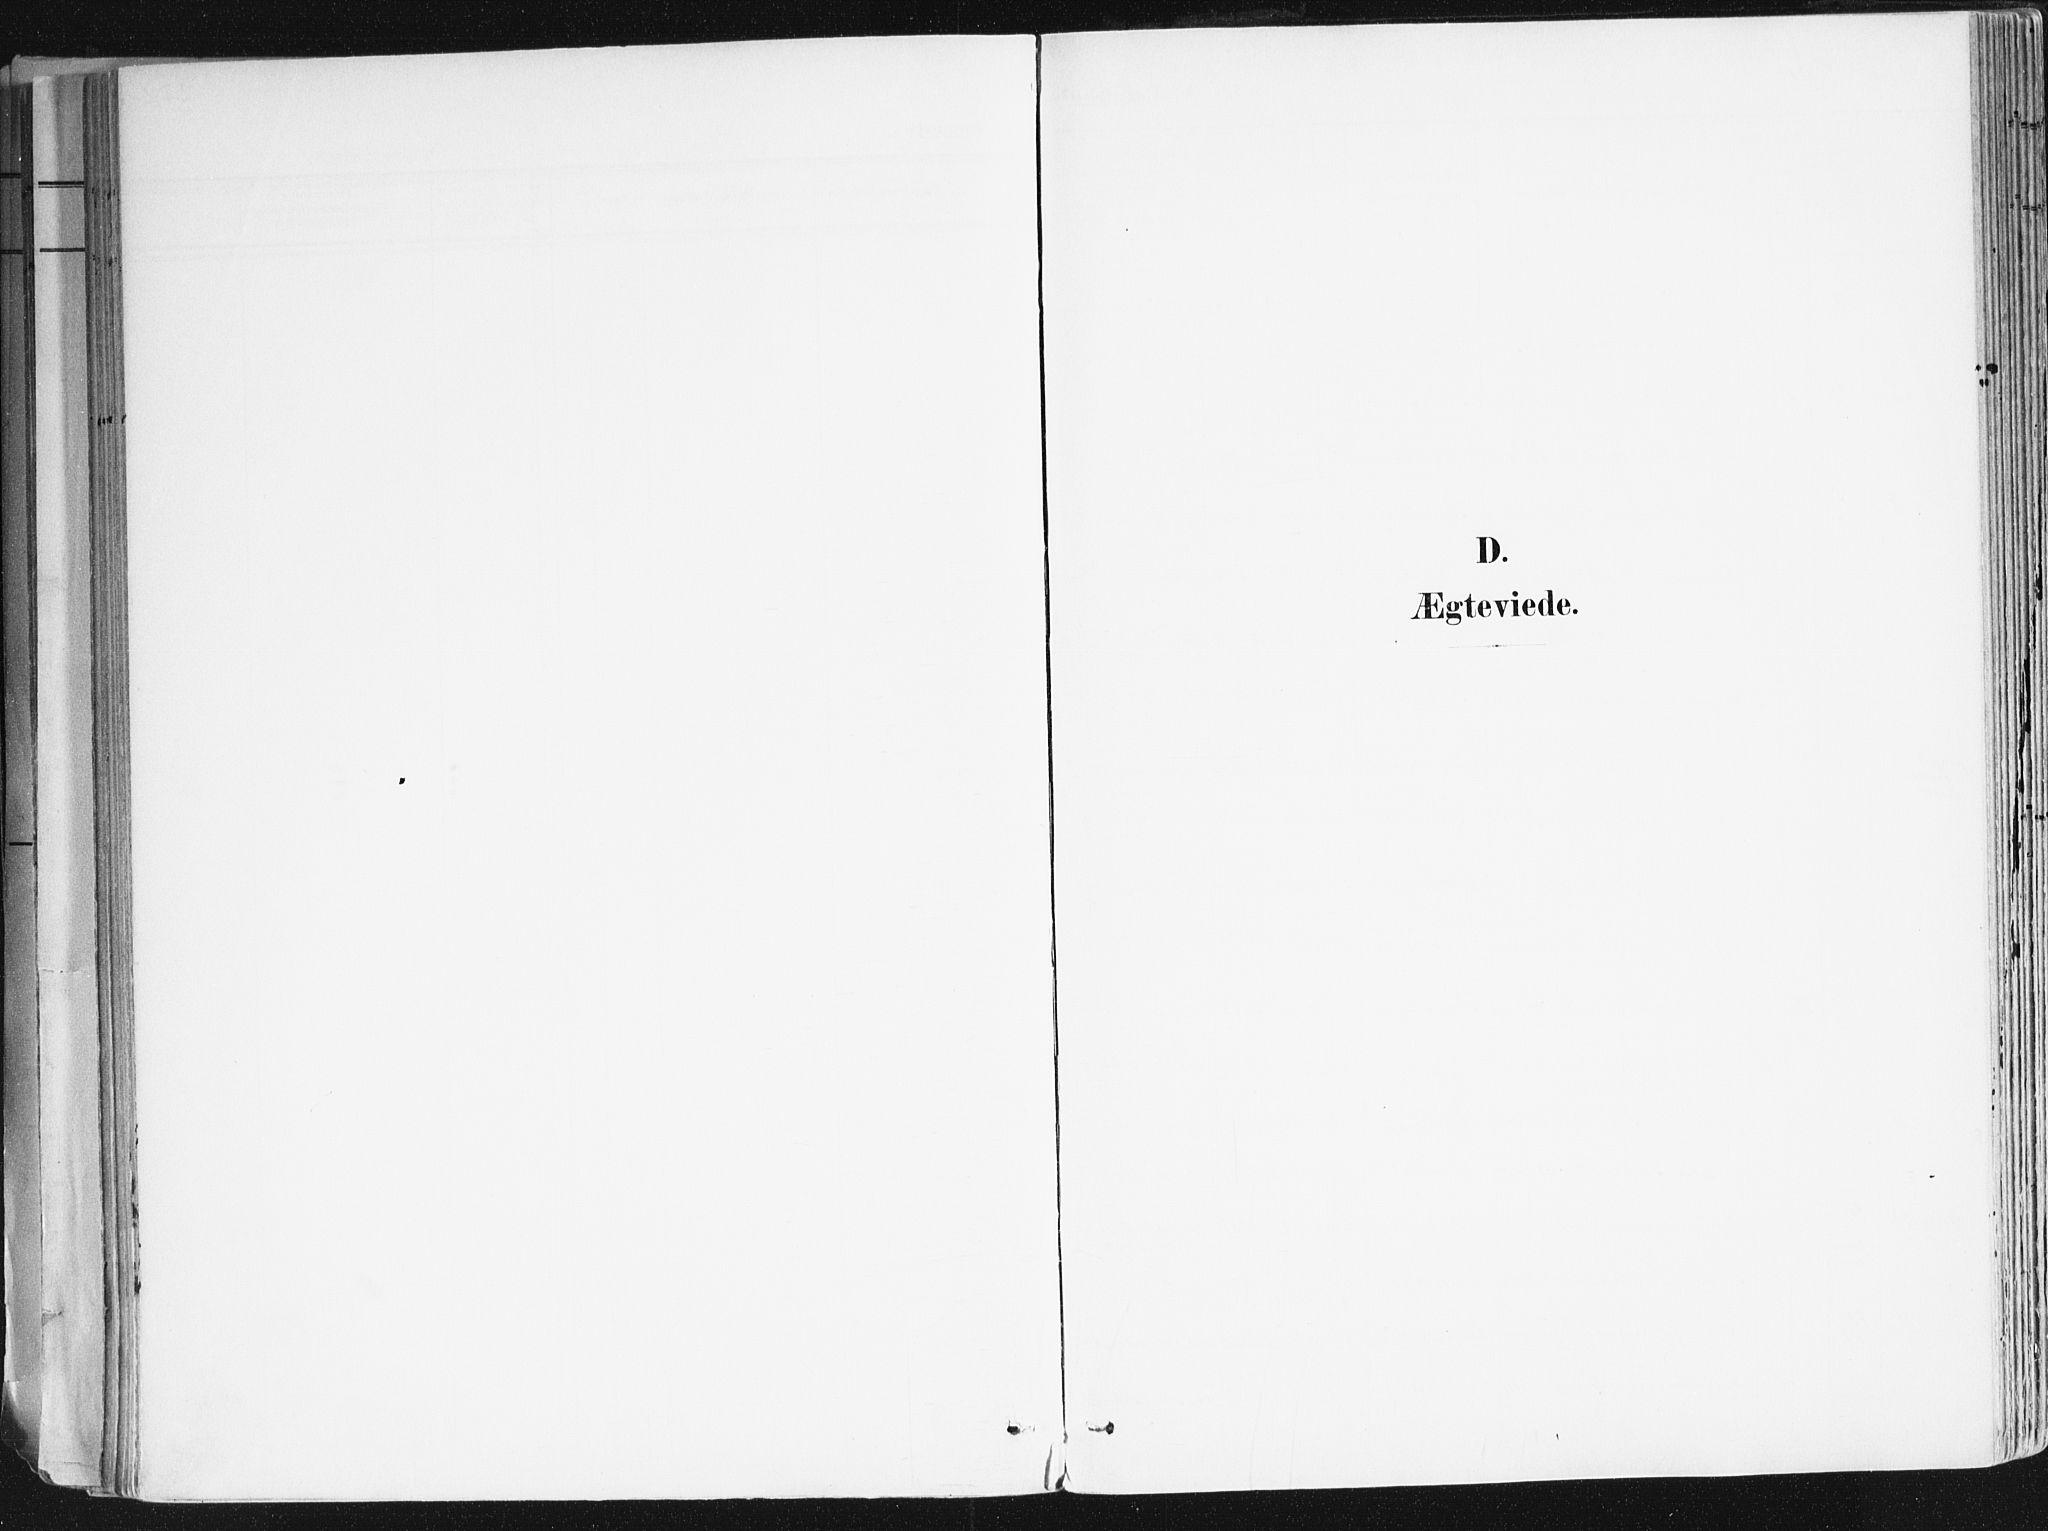 SAK, Arendal sokneprestkontor, Trefoldighet, F/Fa/L0010: Ministerialbok nr. A 10, 1900-1919